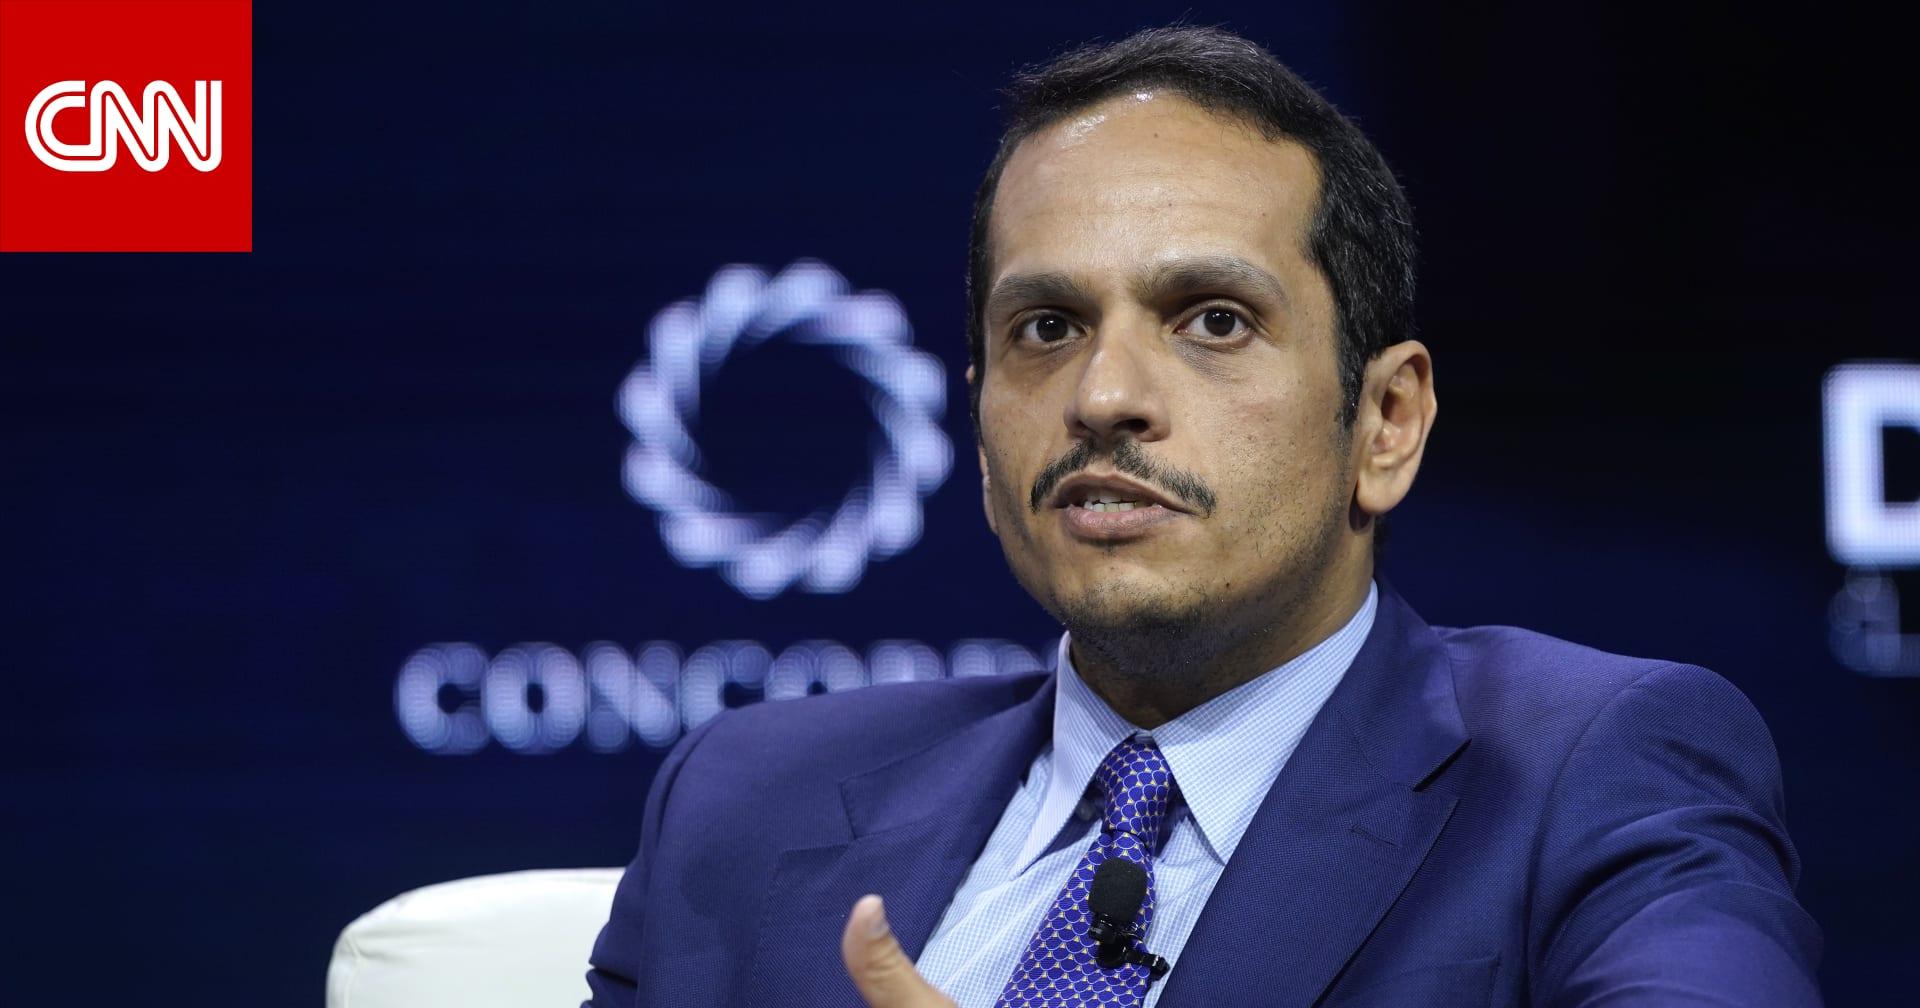 وزير خارجية قطر: أمر القبض على وزير المالية مرتبط بوظيفته العامة